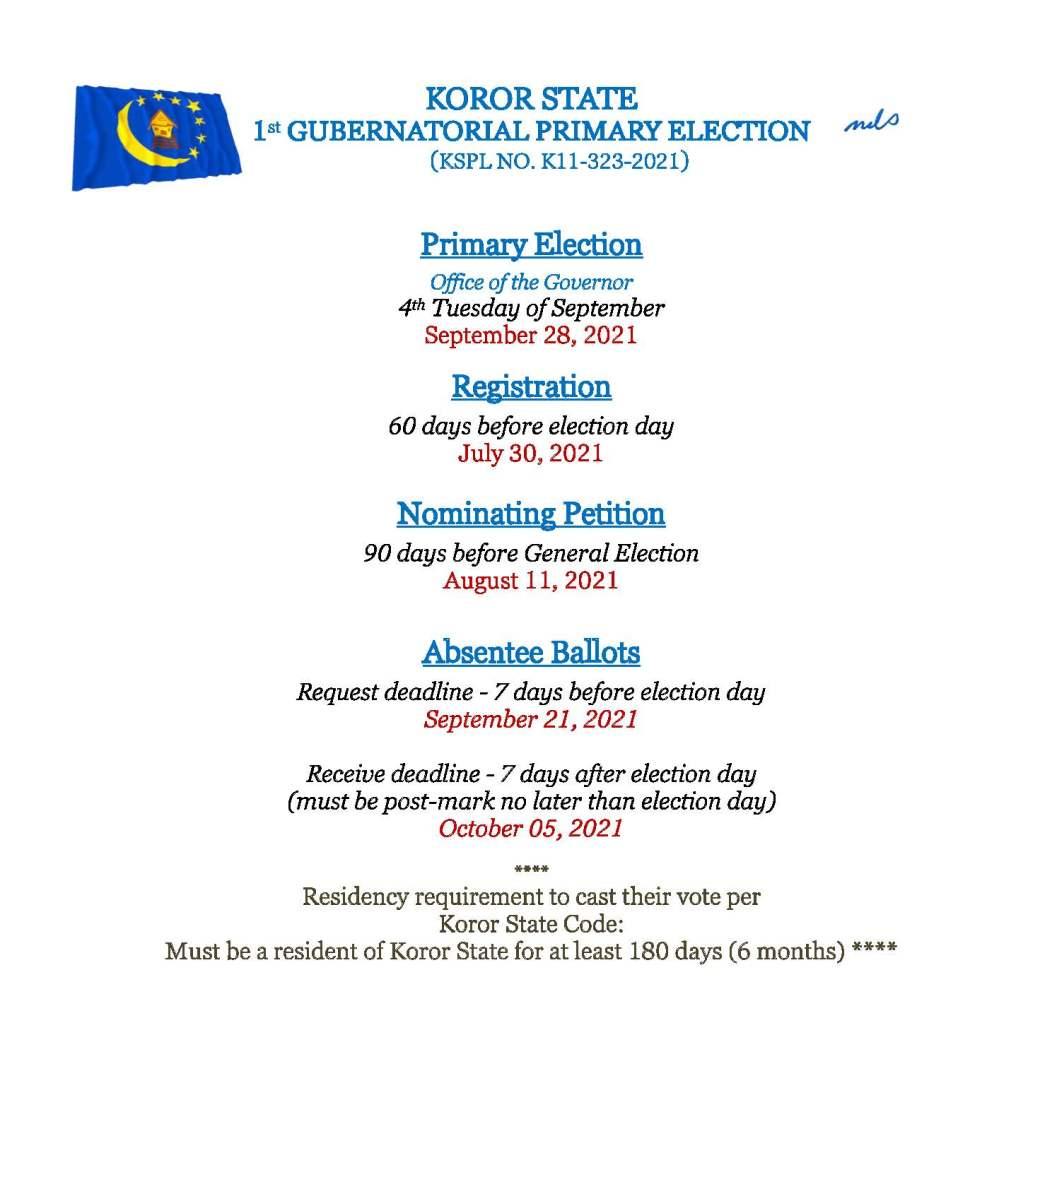 PRIMARY ELECTION DEADLINE DATES